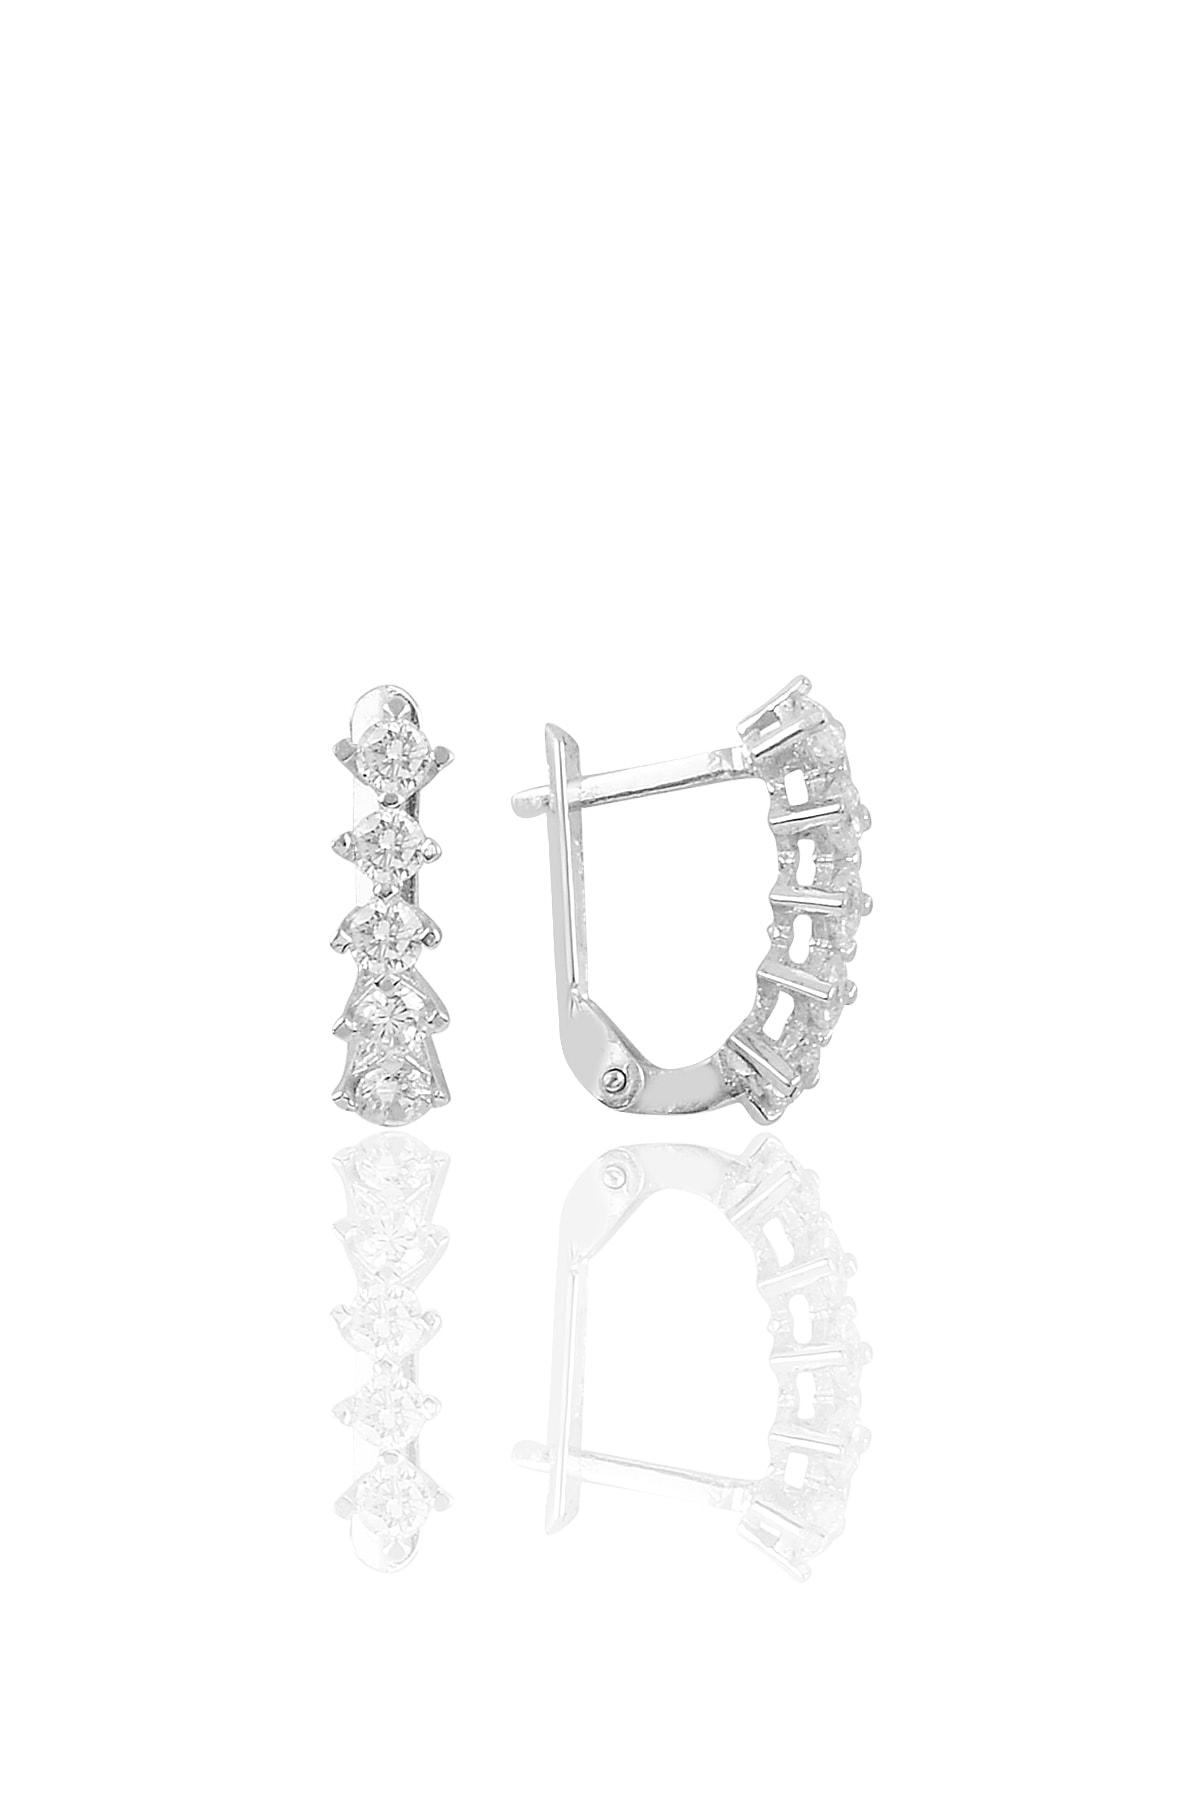 Söğütlü Silver Gümüş Rodyumlu Zirkon Taşlı Beştaş J Küpe 1